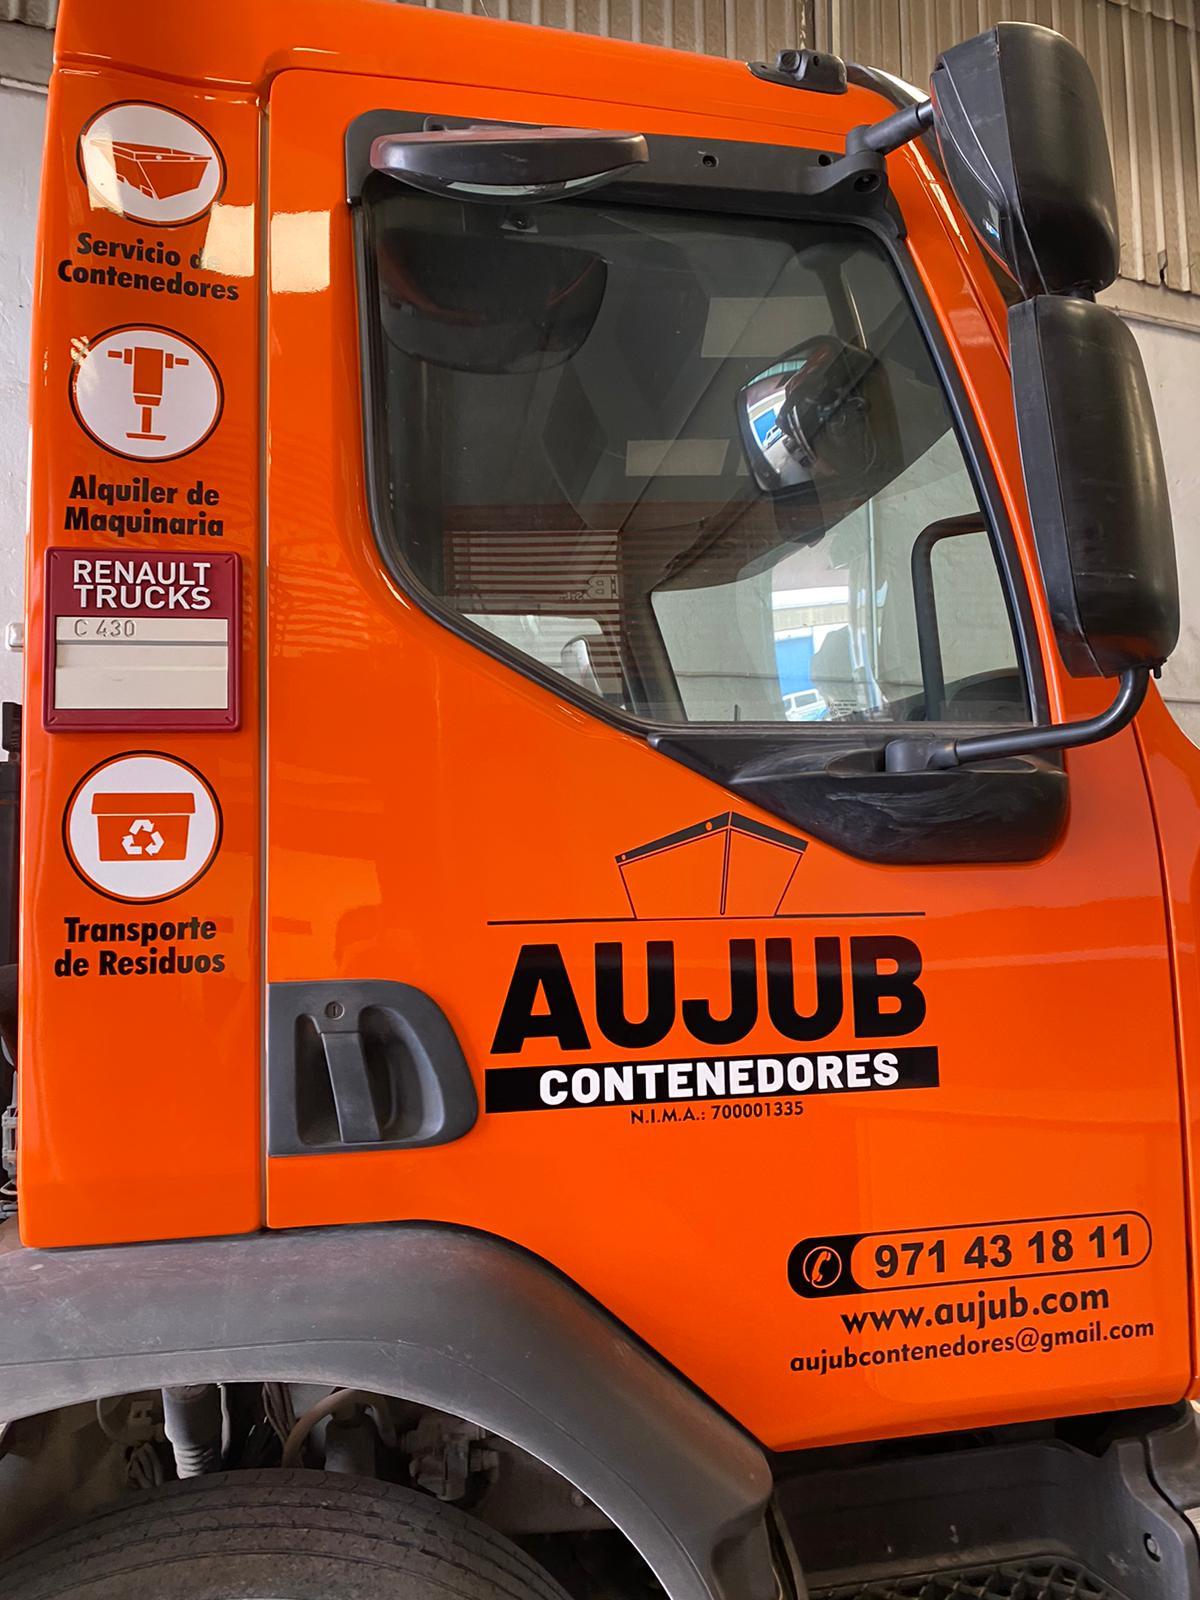 Camión AUJUB